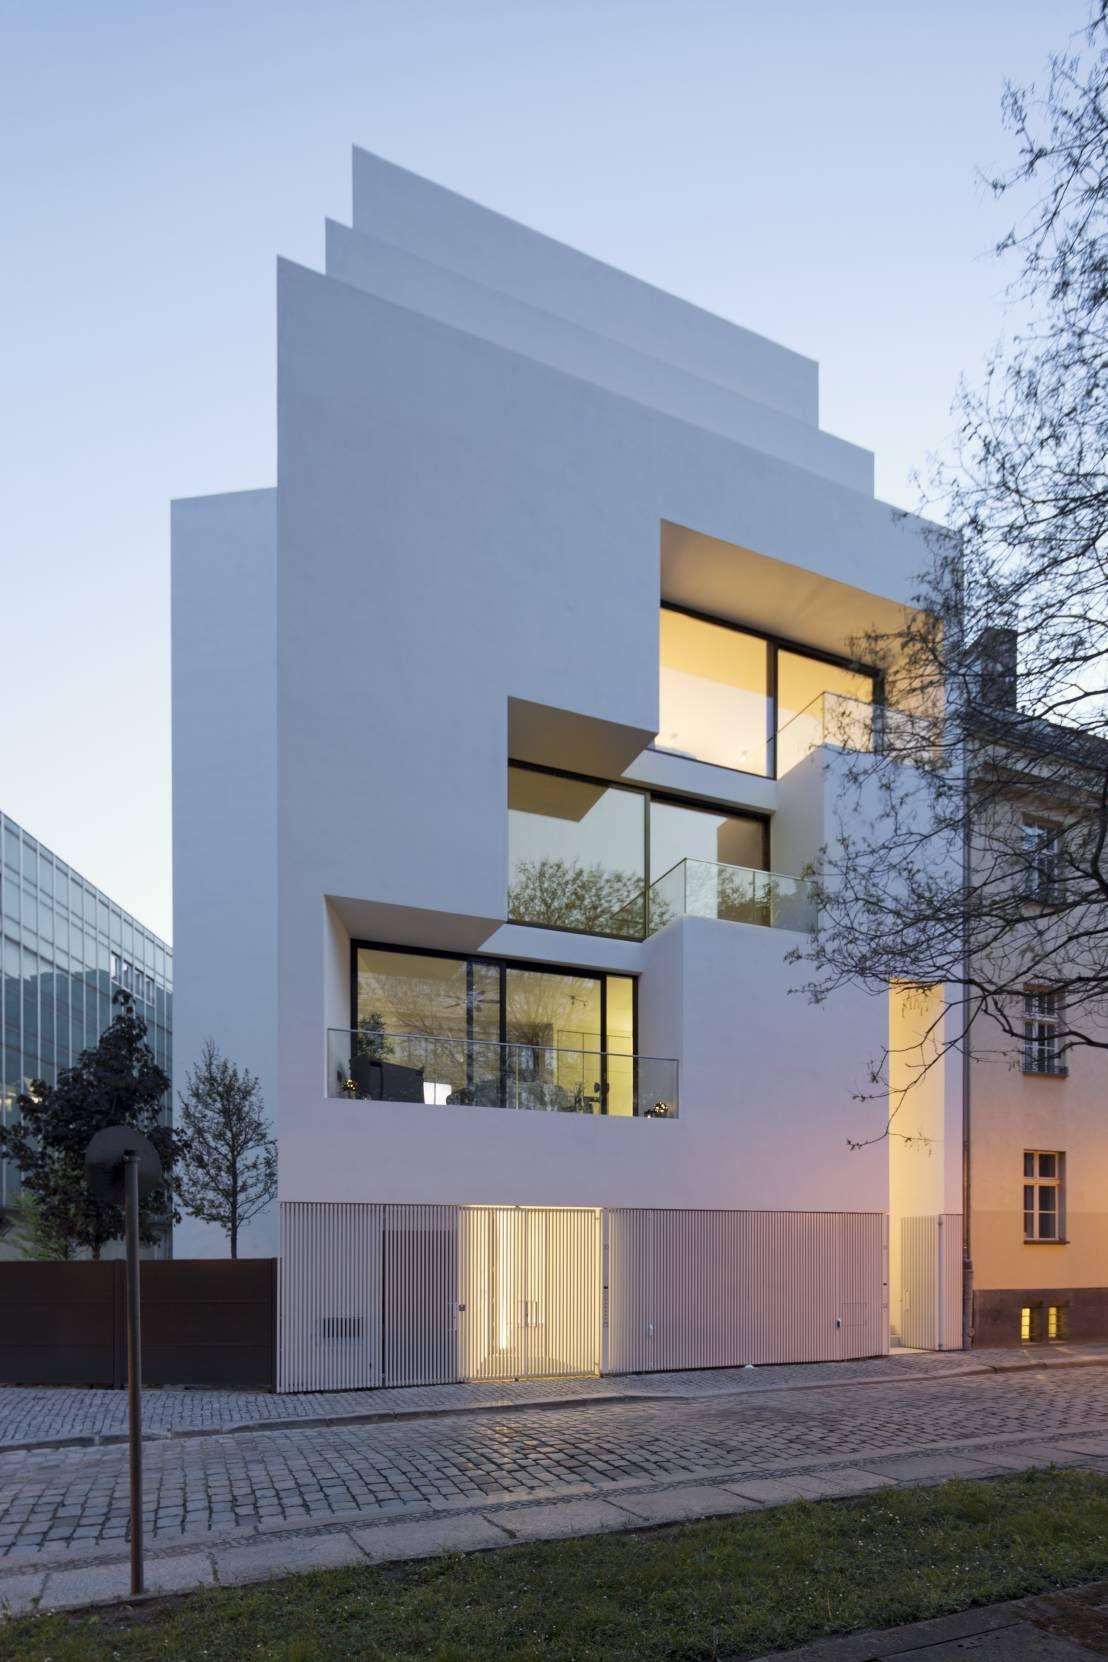 Endlich die idee f r 39 s traumhaus 7 moderne h user zum for Innenraumdesign studium